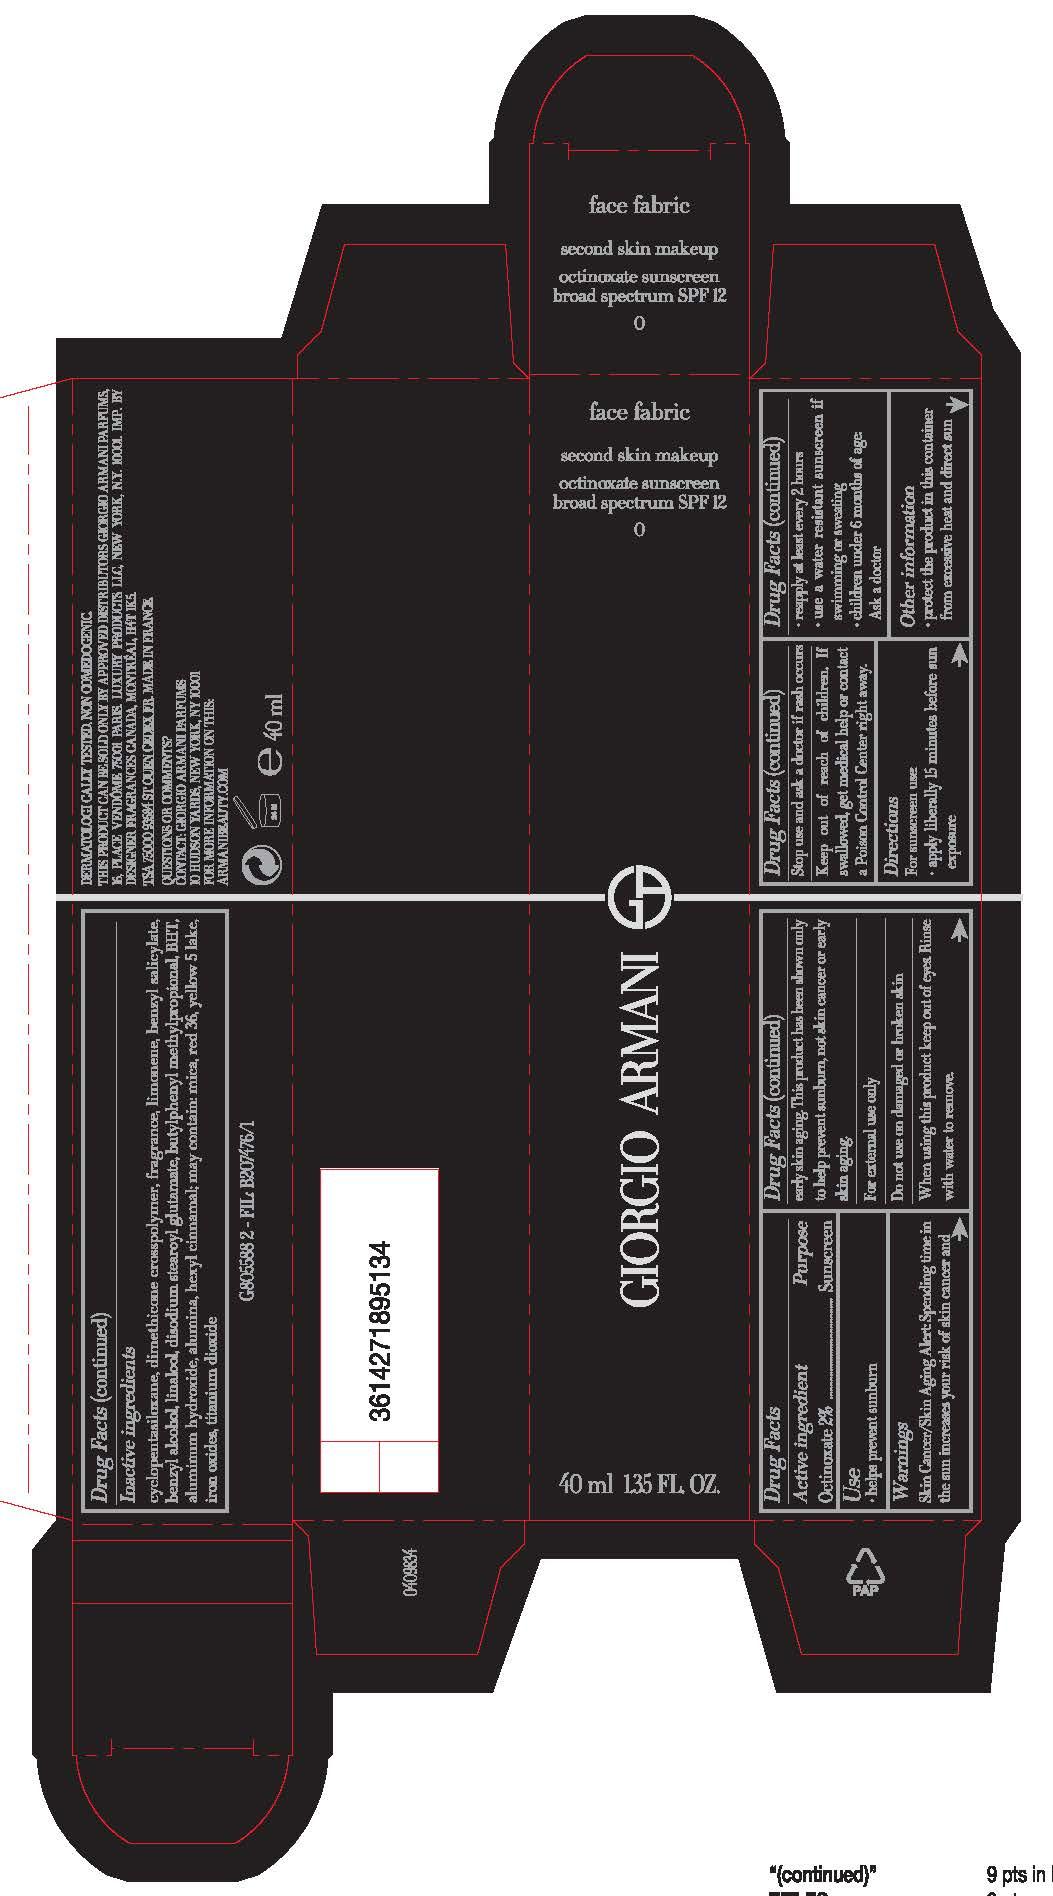 image of a carton